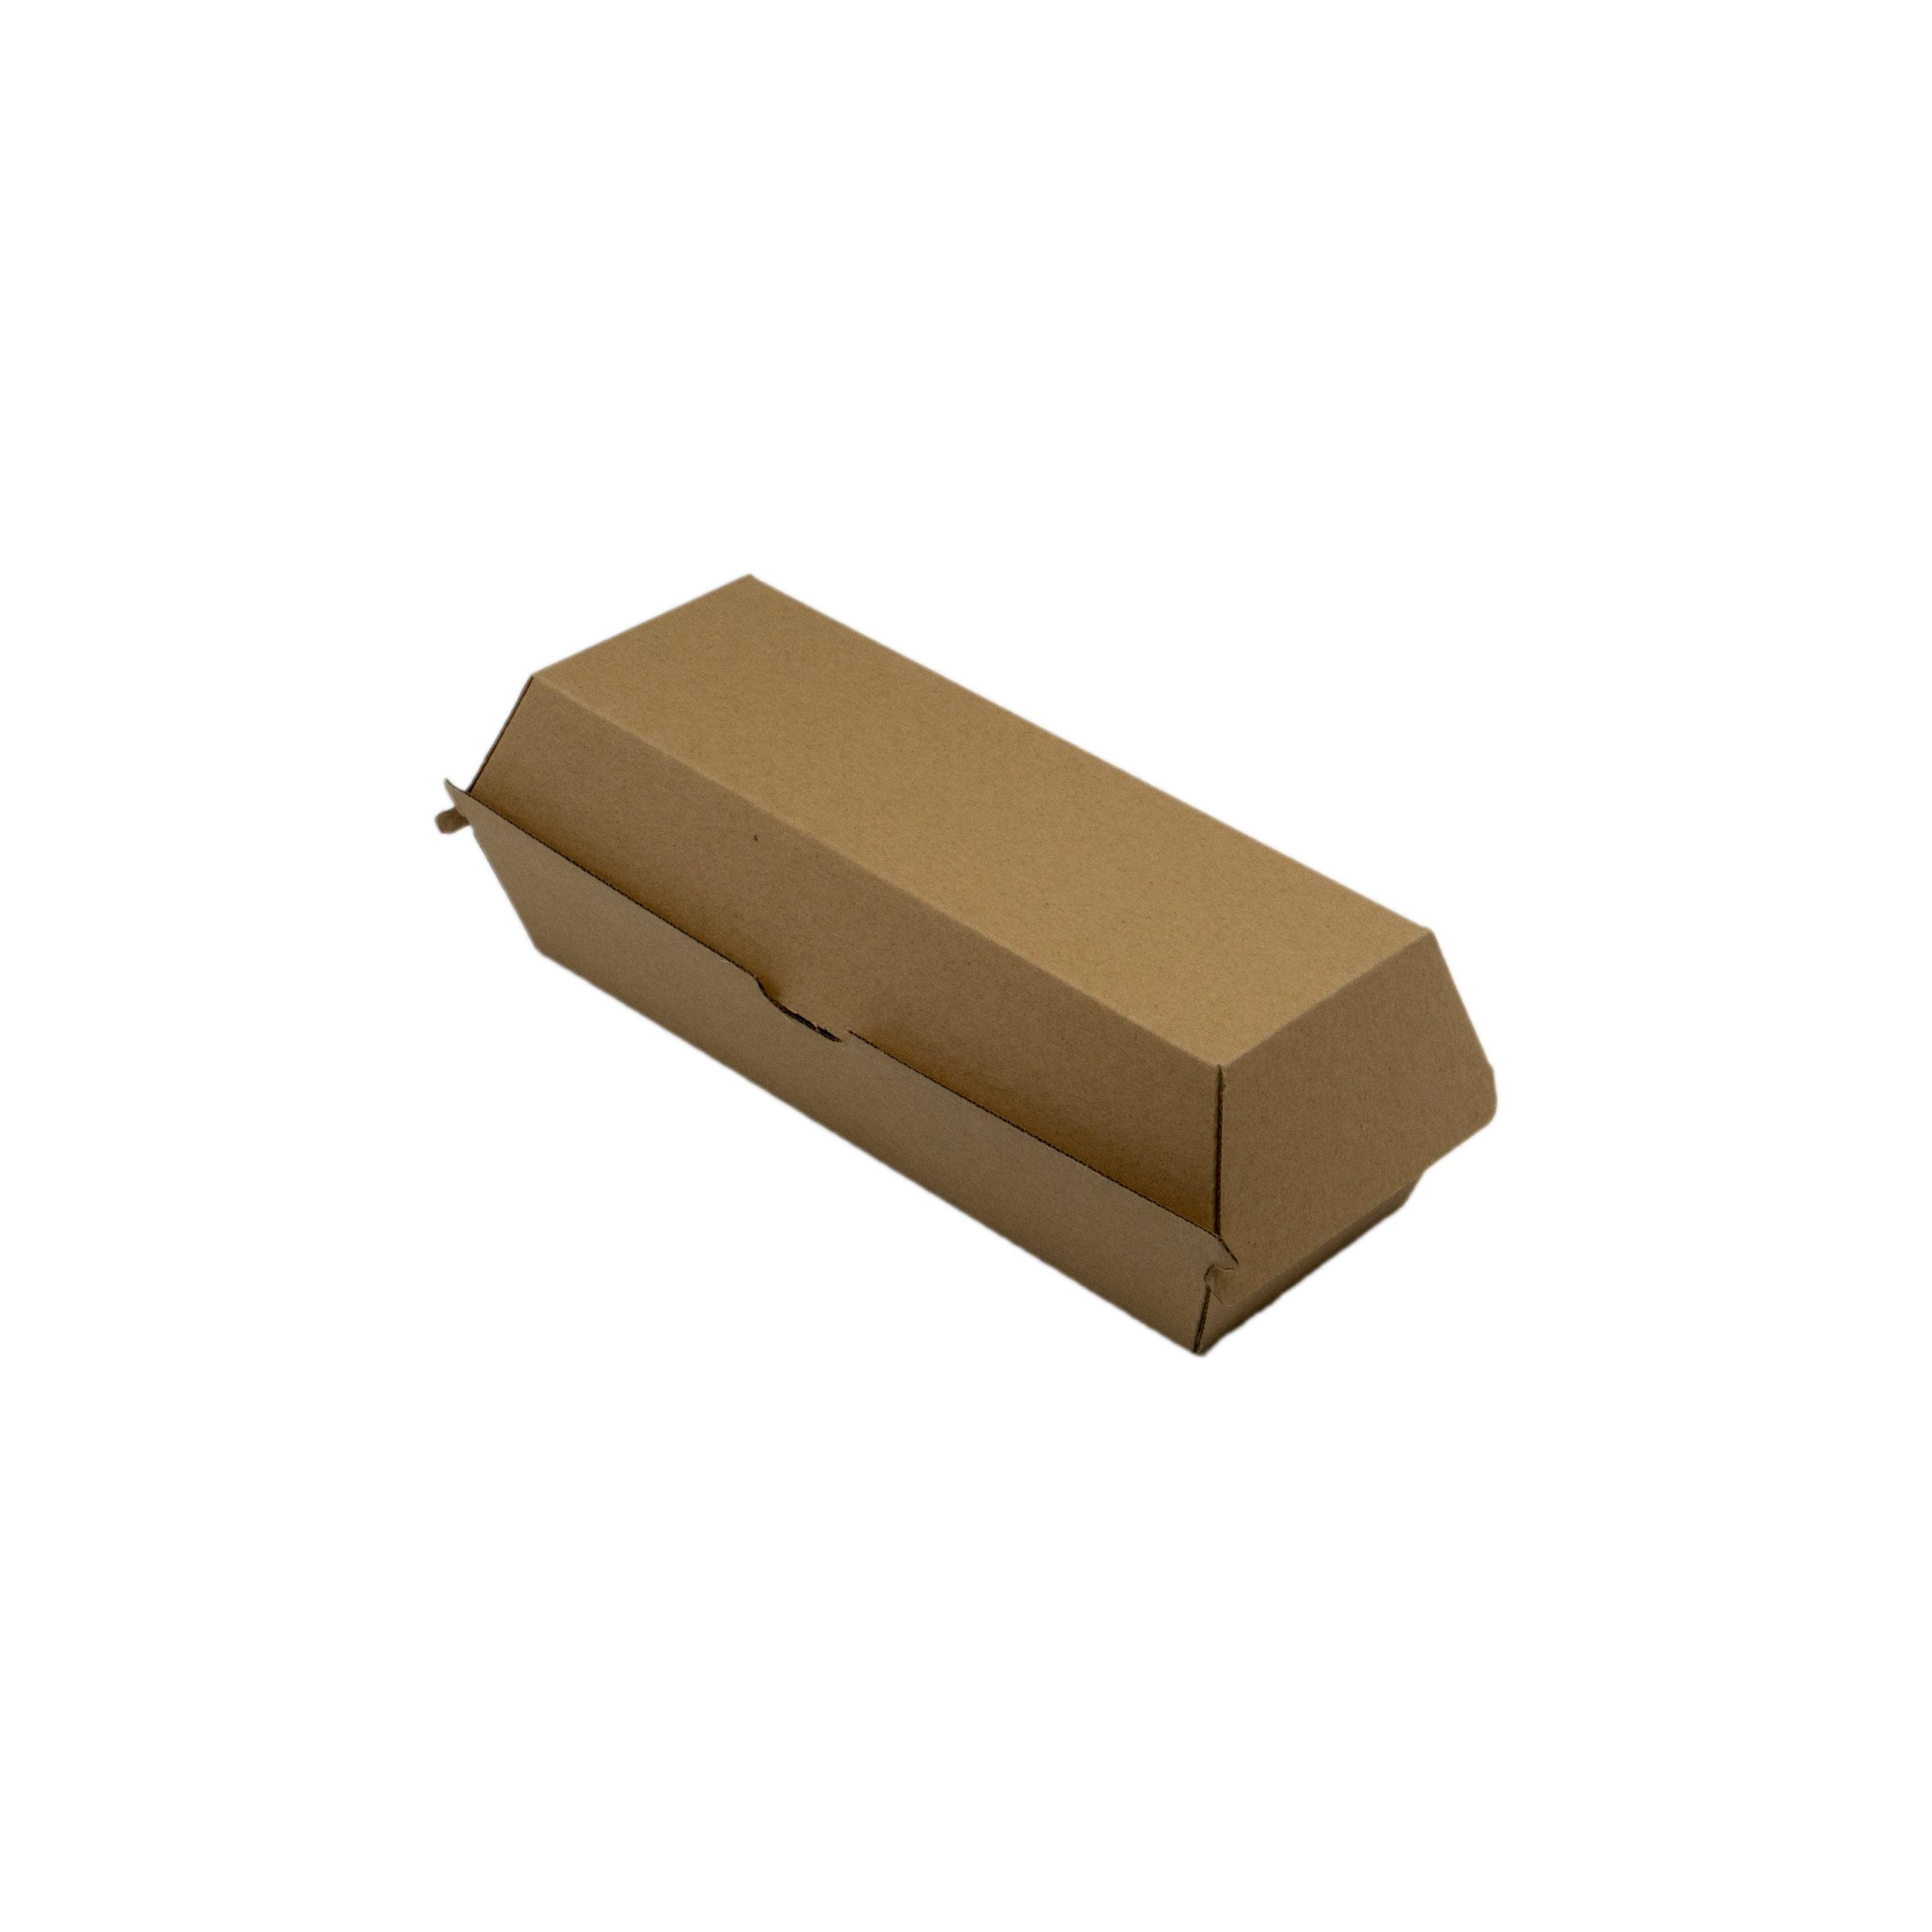 iK-EBHDOG Hot dog Box (hinged)   210x70x75mm 4x50 slv 200pcs